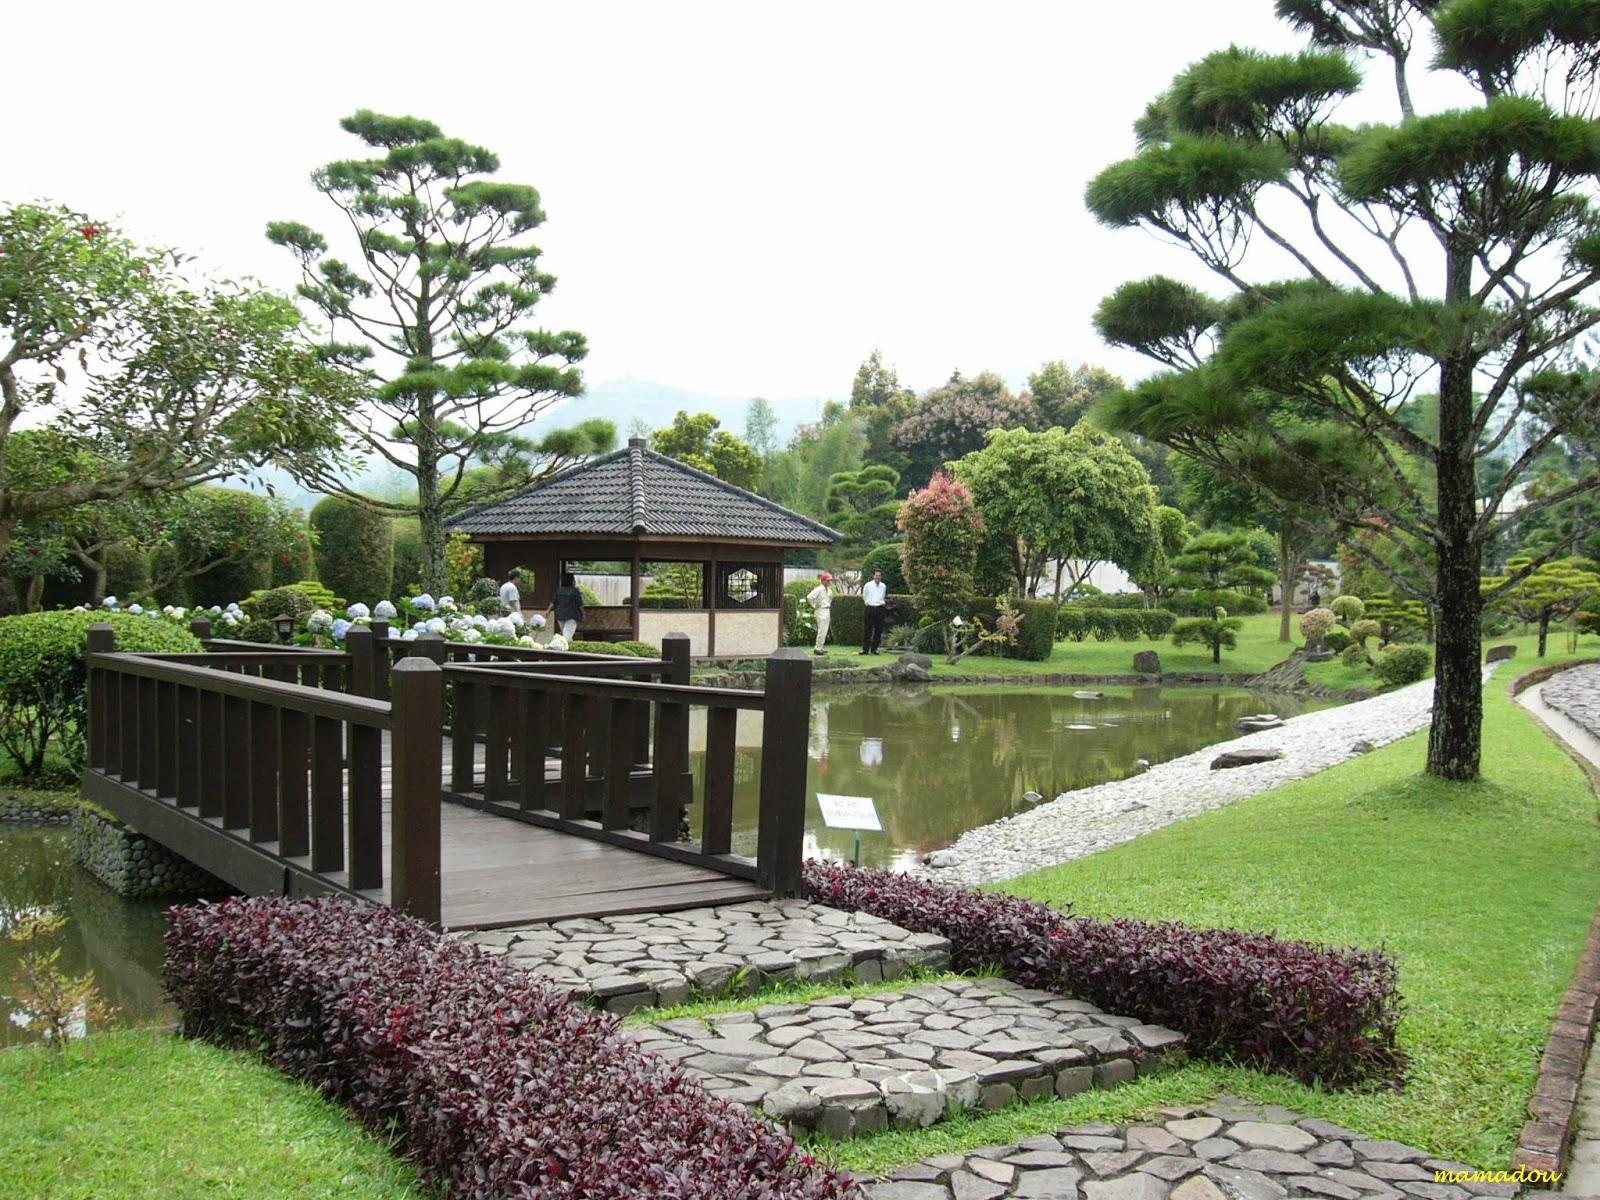 Referensi Desain Taman Kecil Dalam Rumah 2017